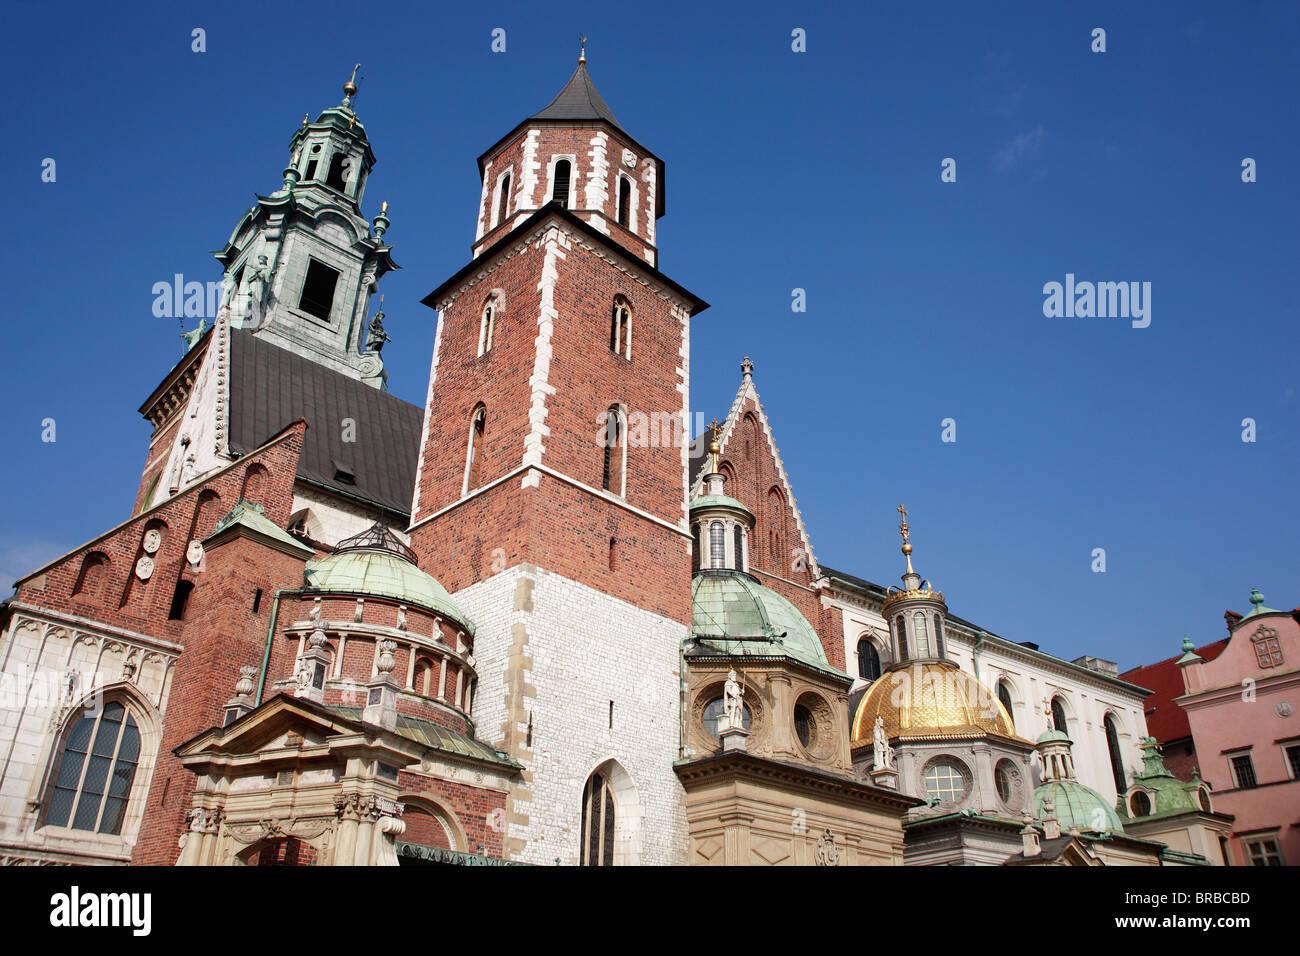 Poland Krakow Stock Photo